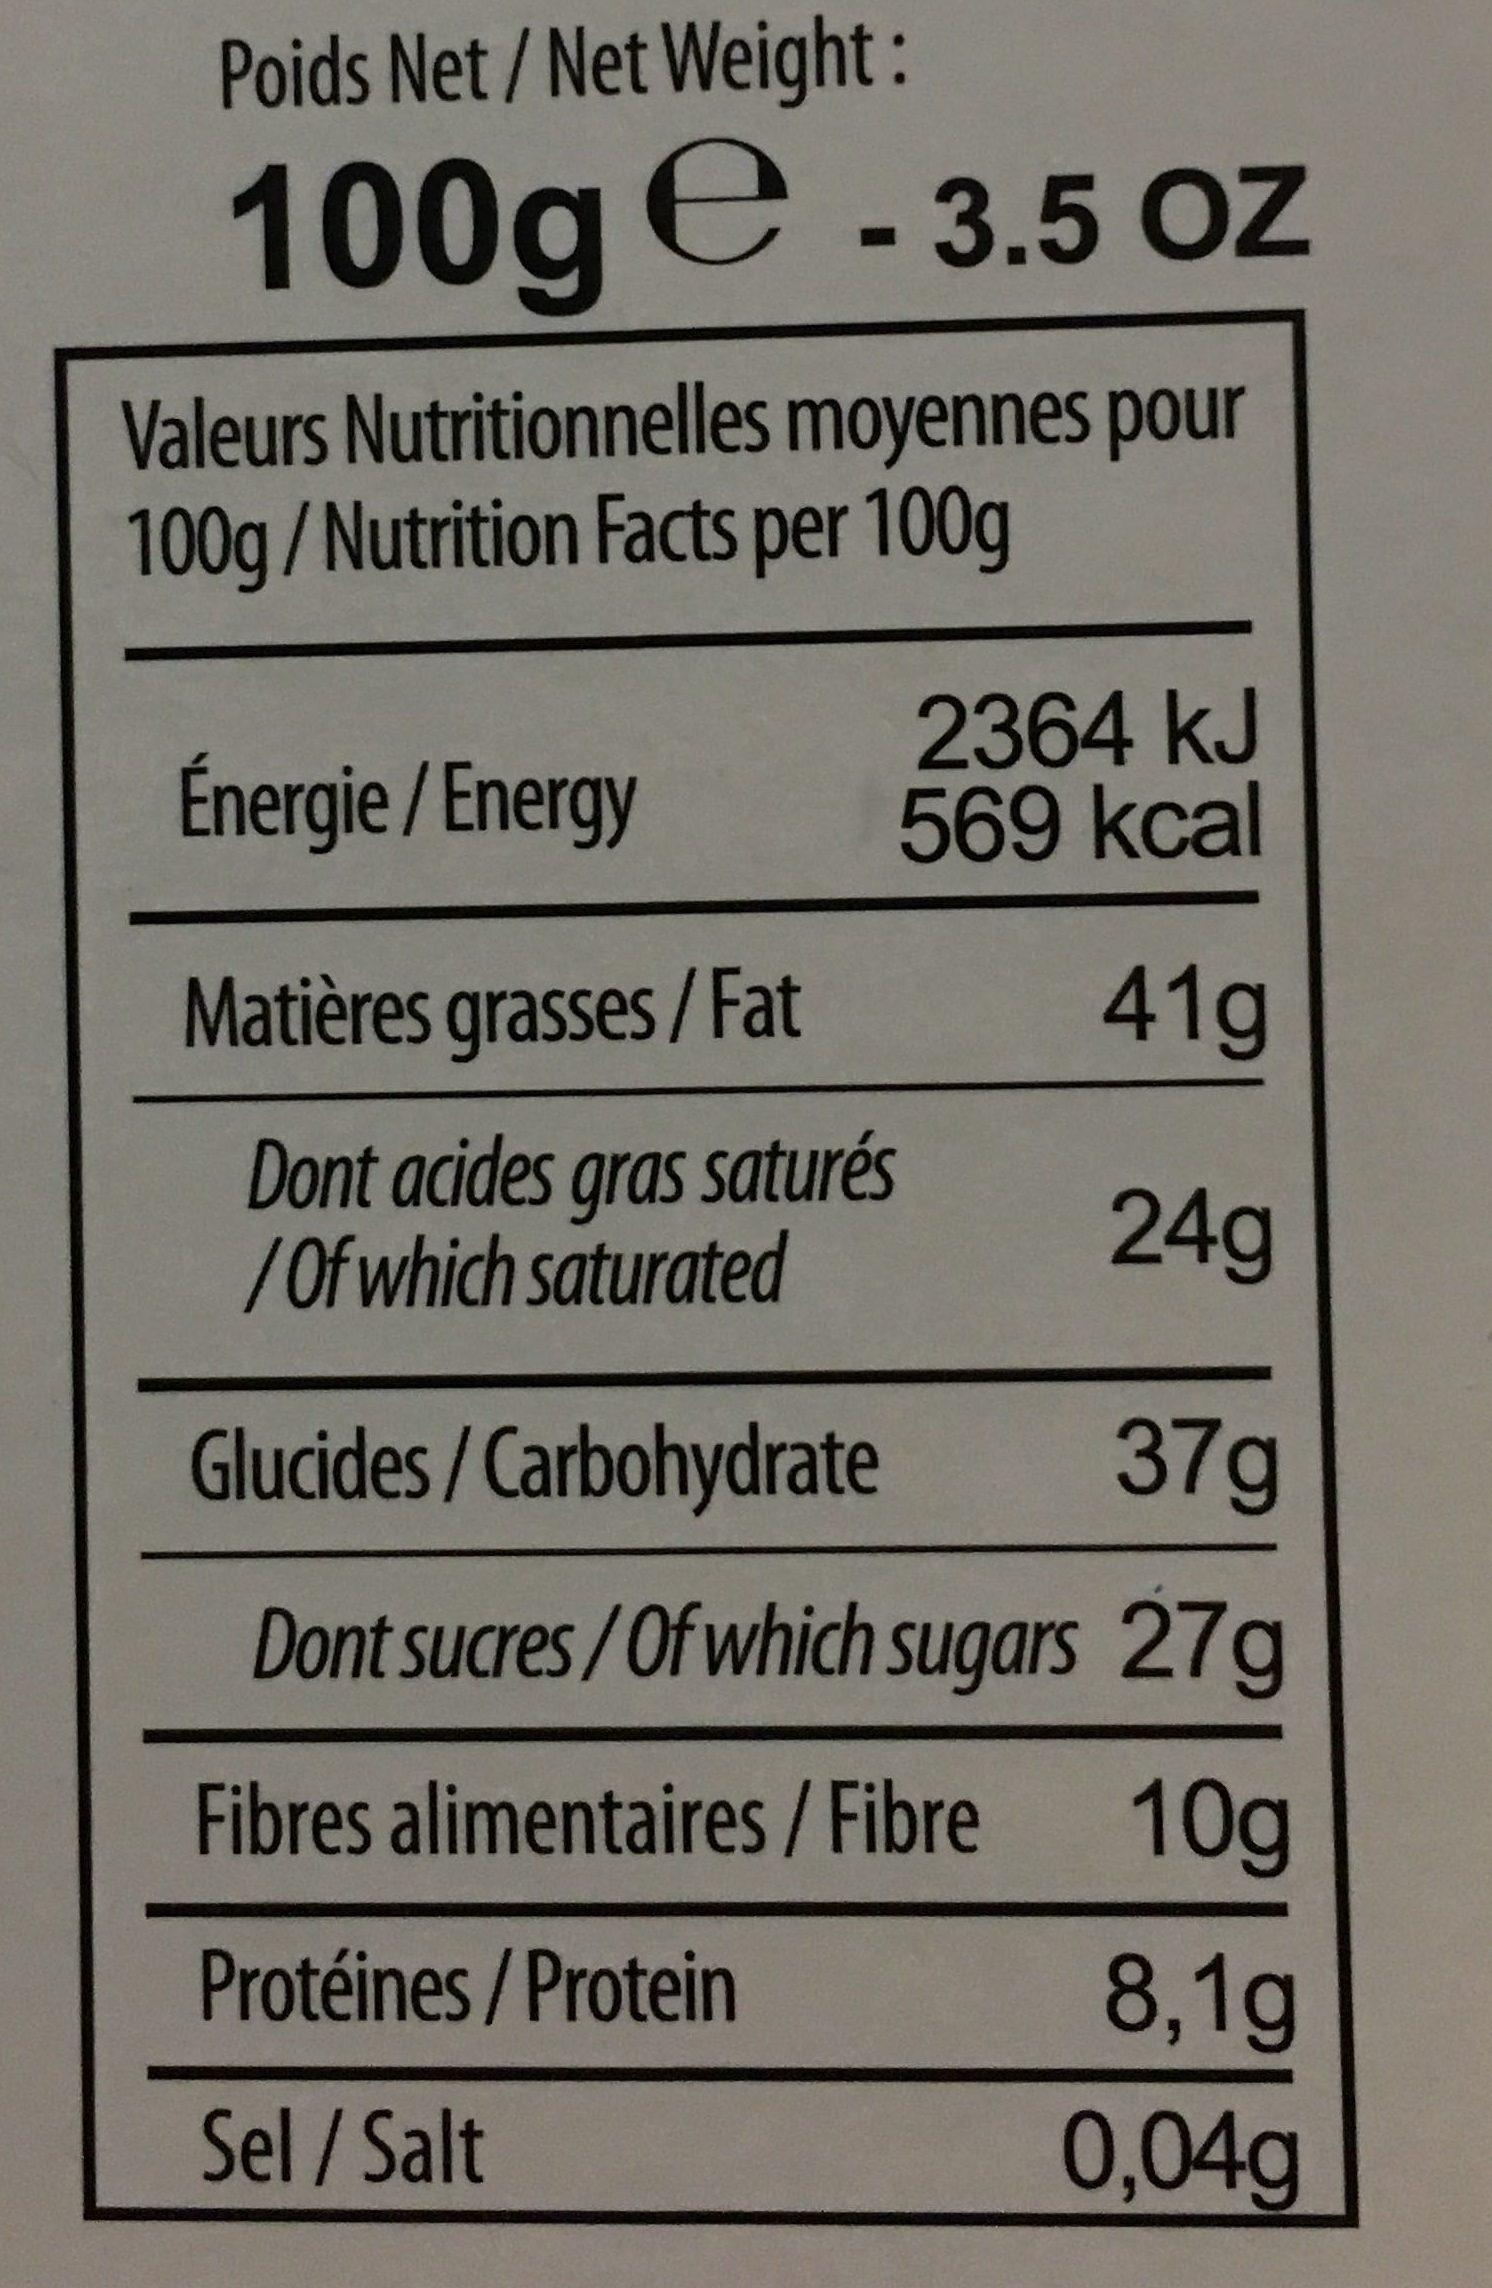 Chcolat noir 72% éclats de speculoos - Nutrition facts